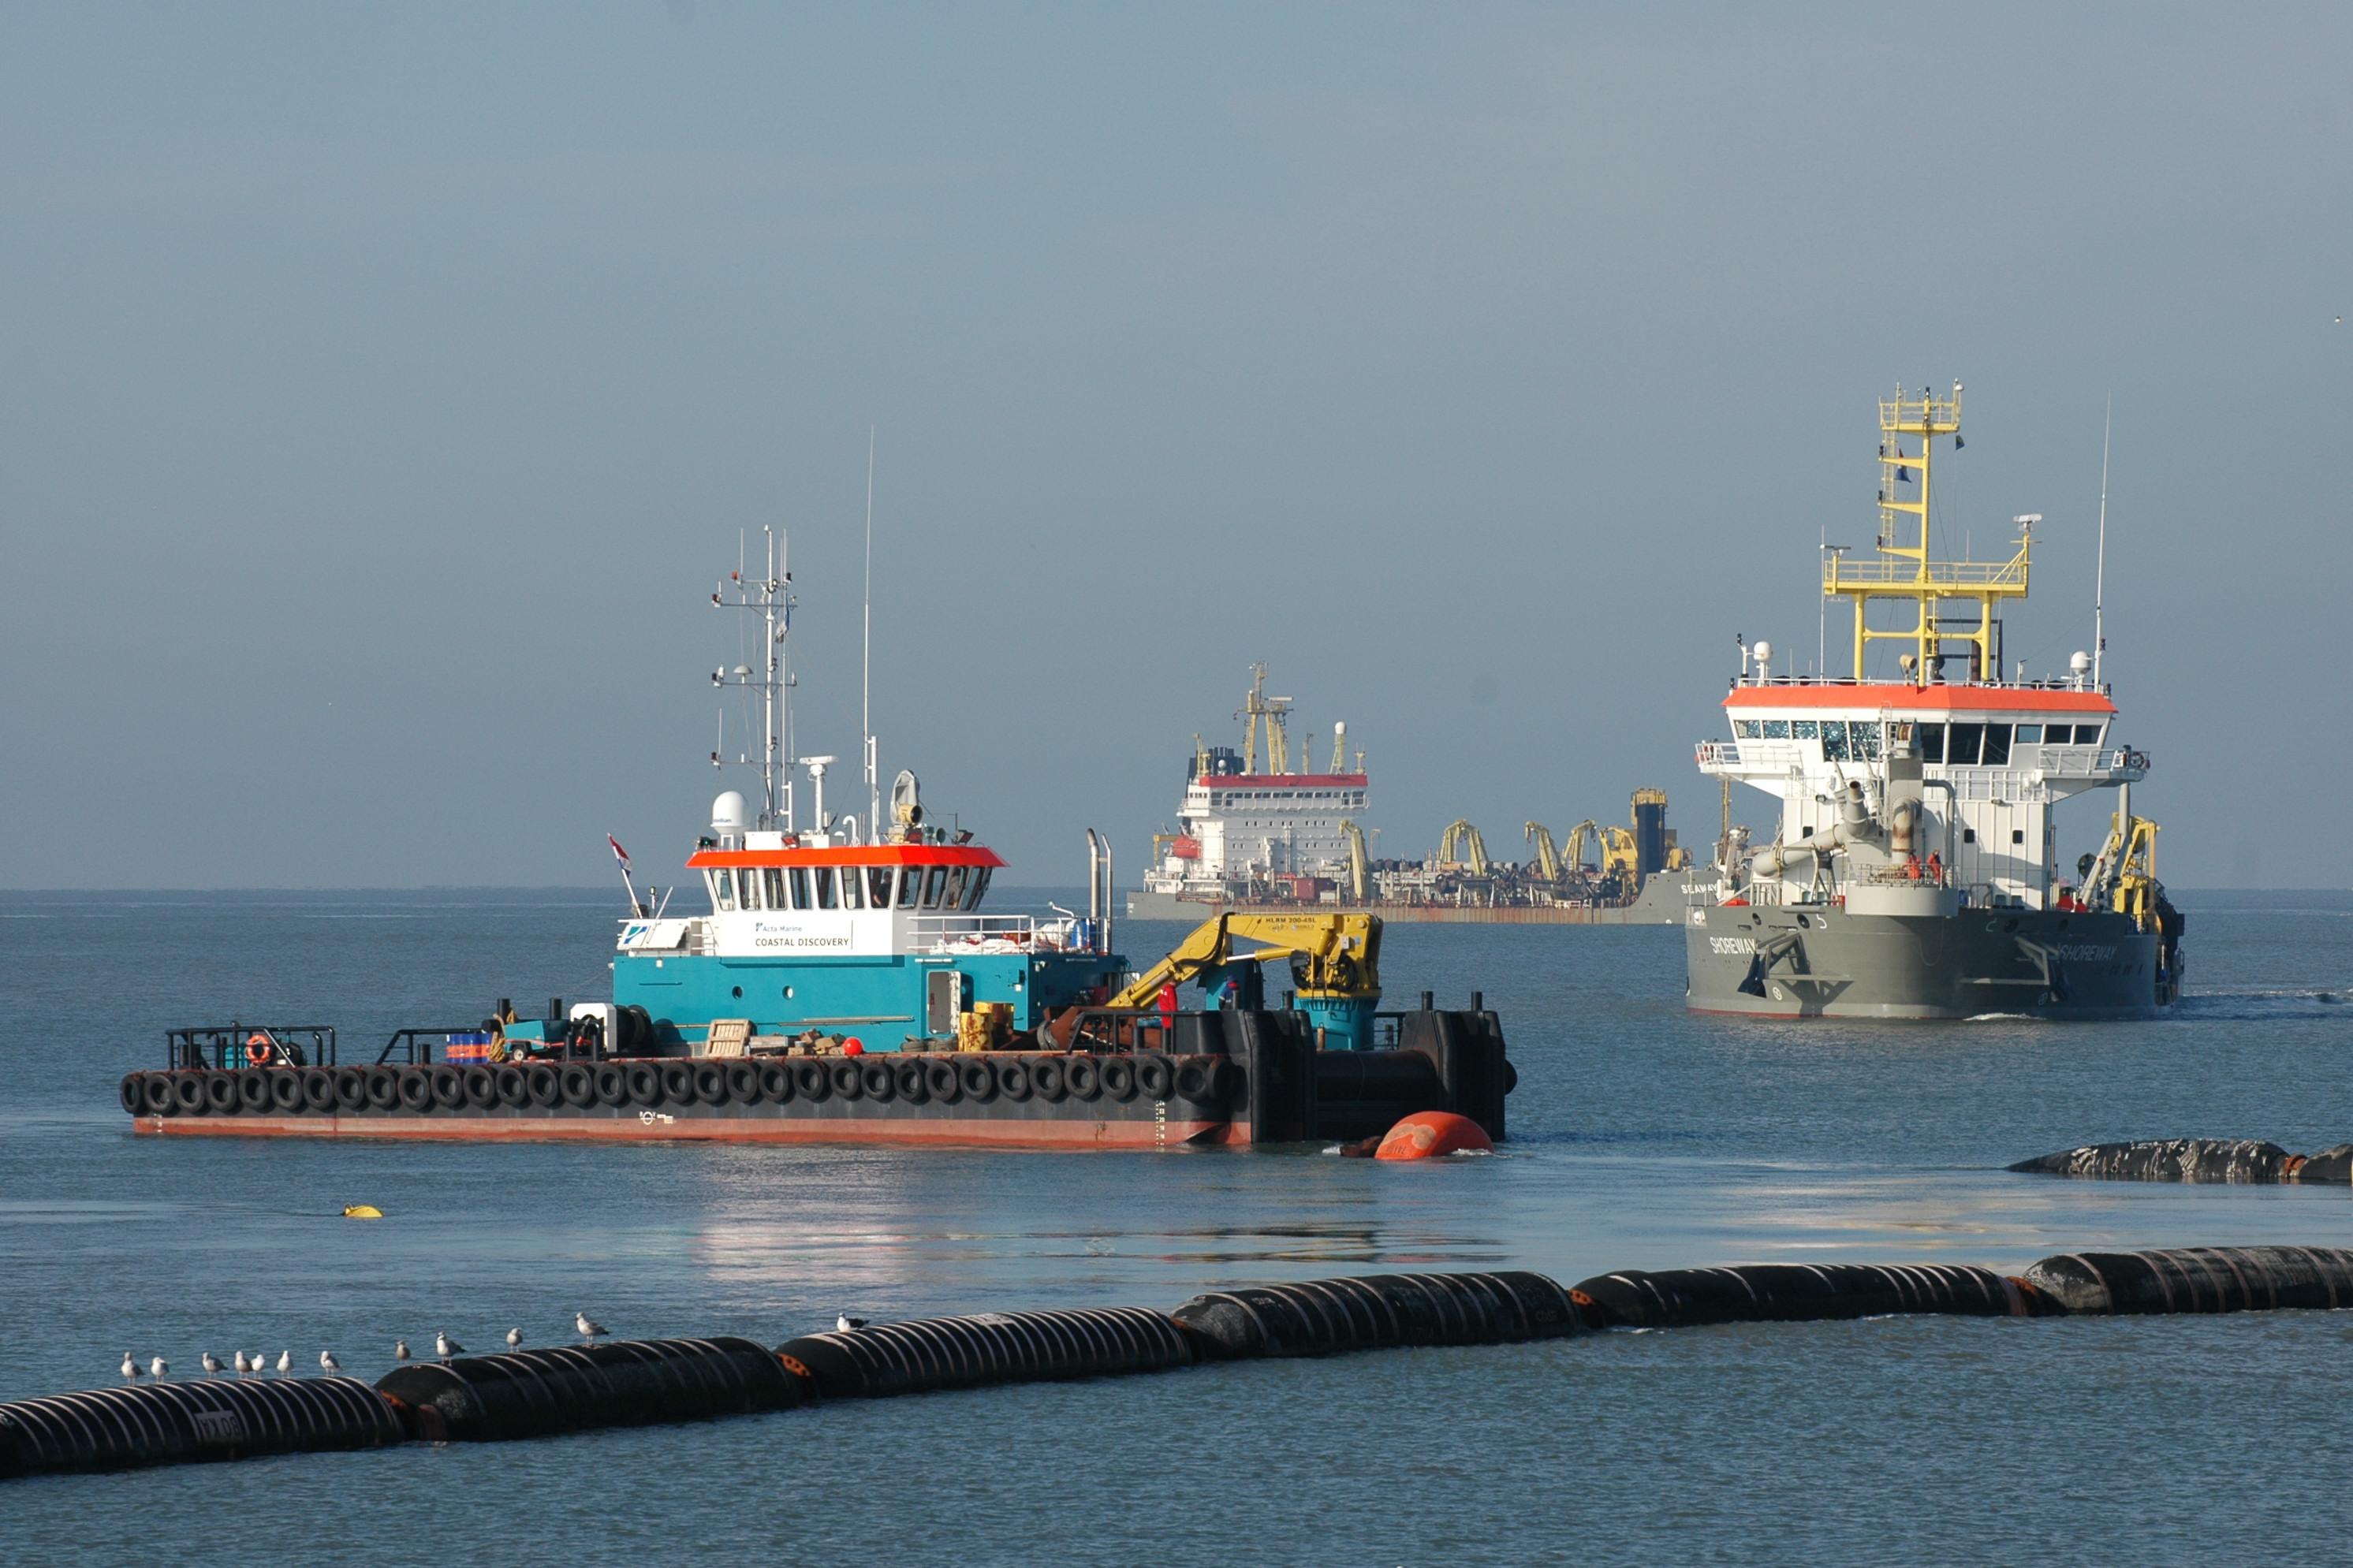 Schip de Coastal Discovery